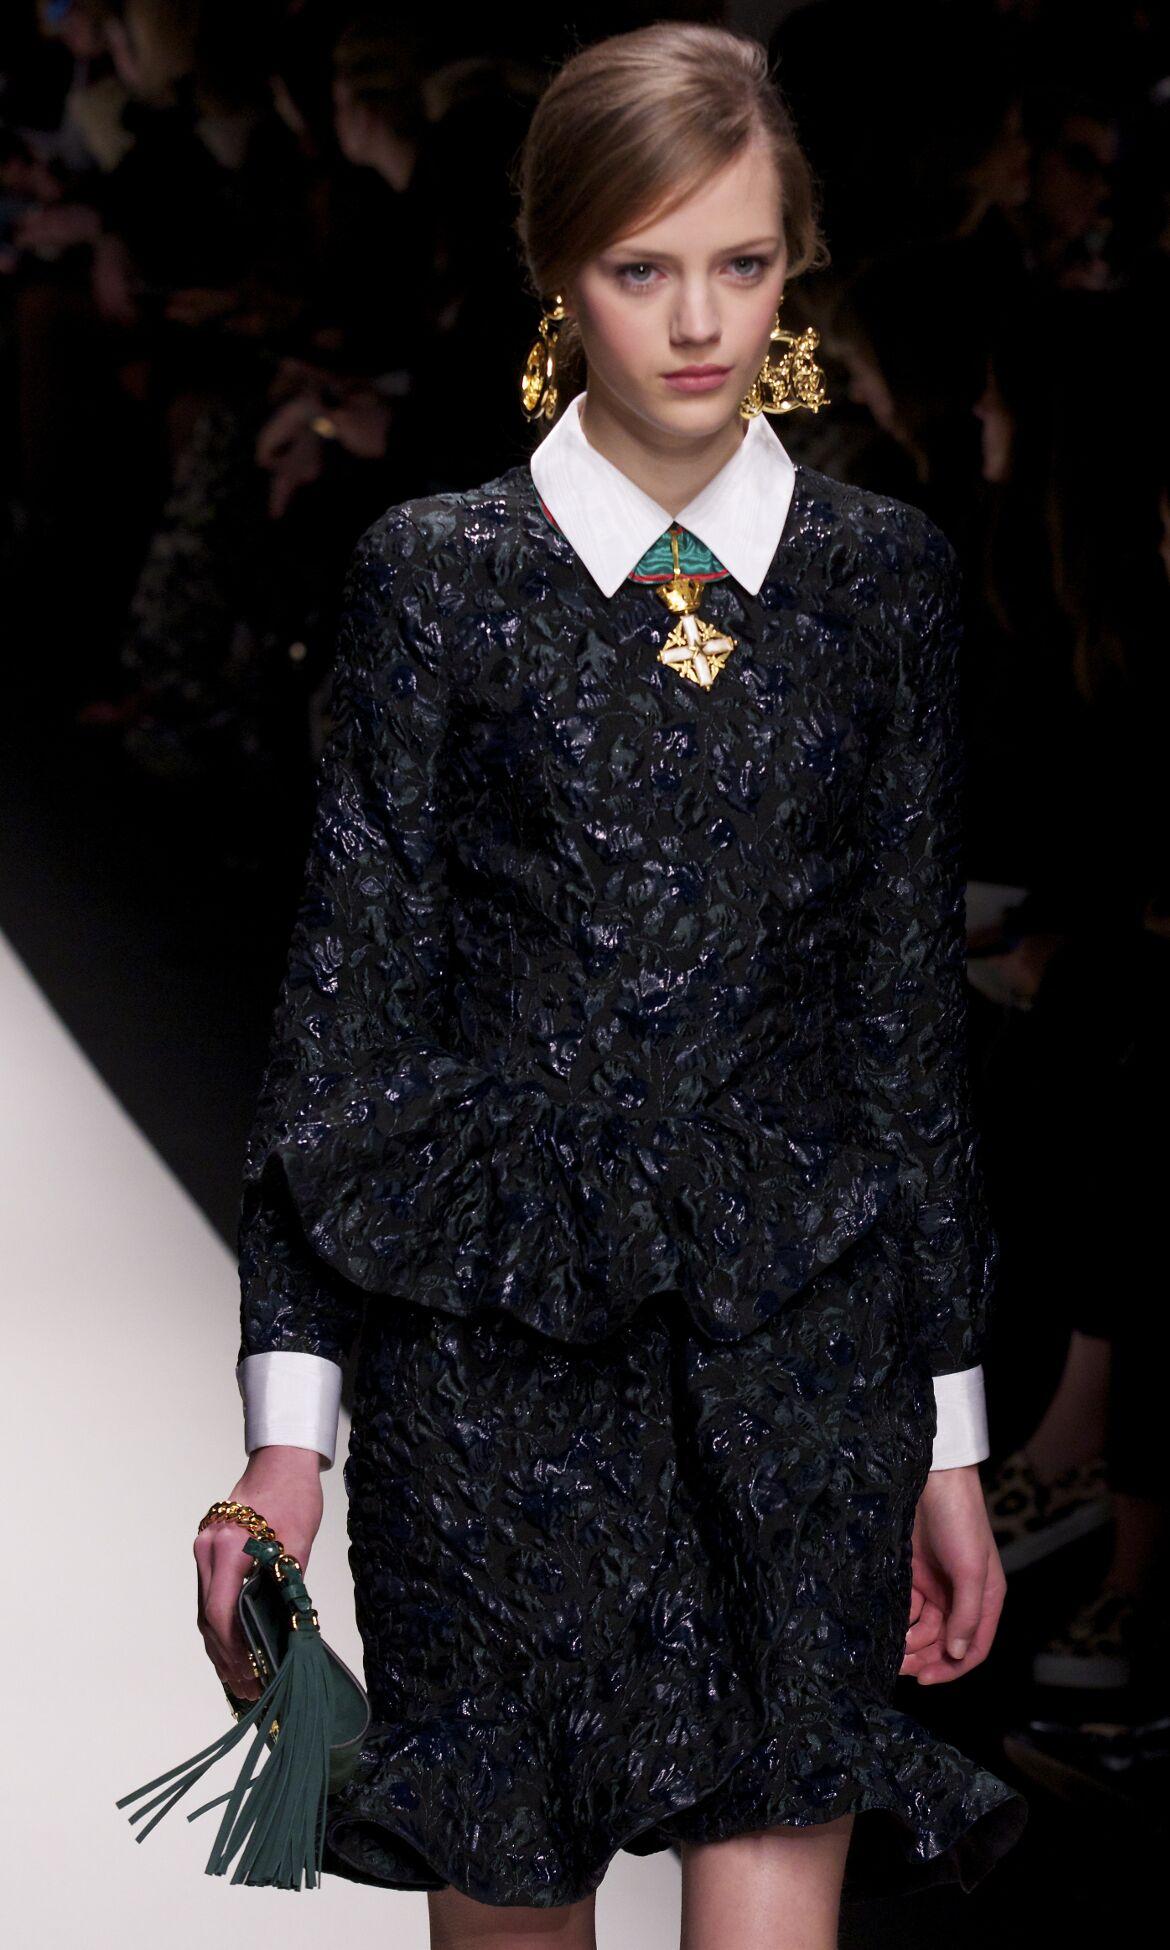 Moschino Fashion Trends